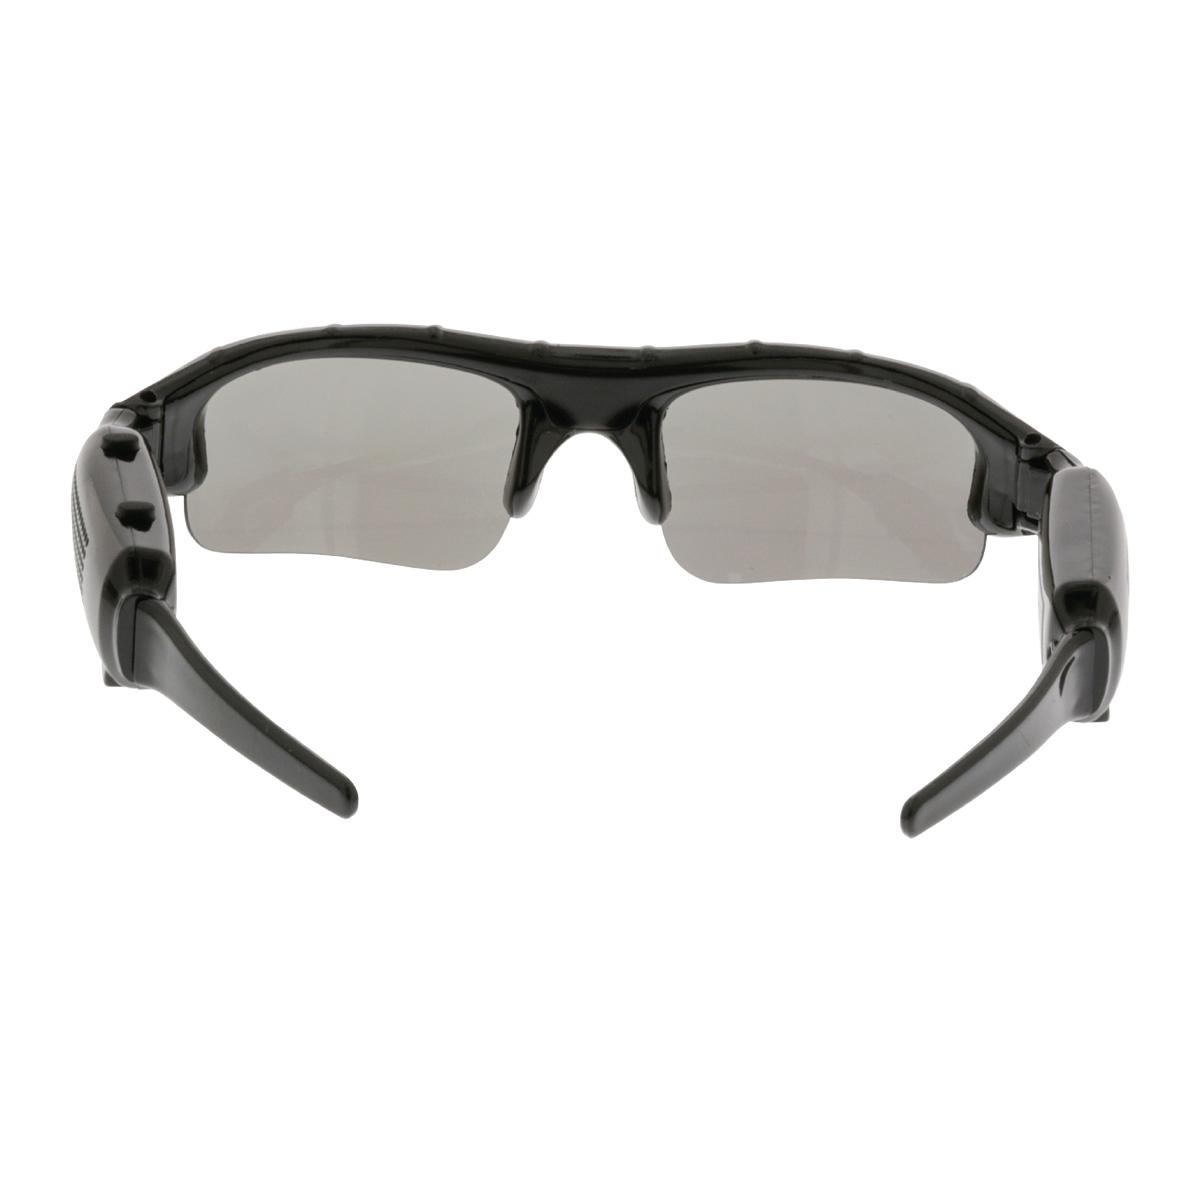 f6b8446cc0 Gafas de sol con camara espia HD > el rincon del espia > seguridad